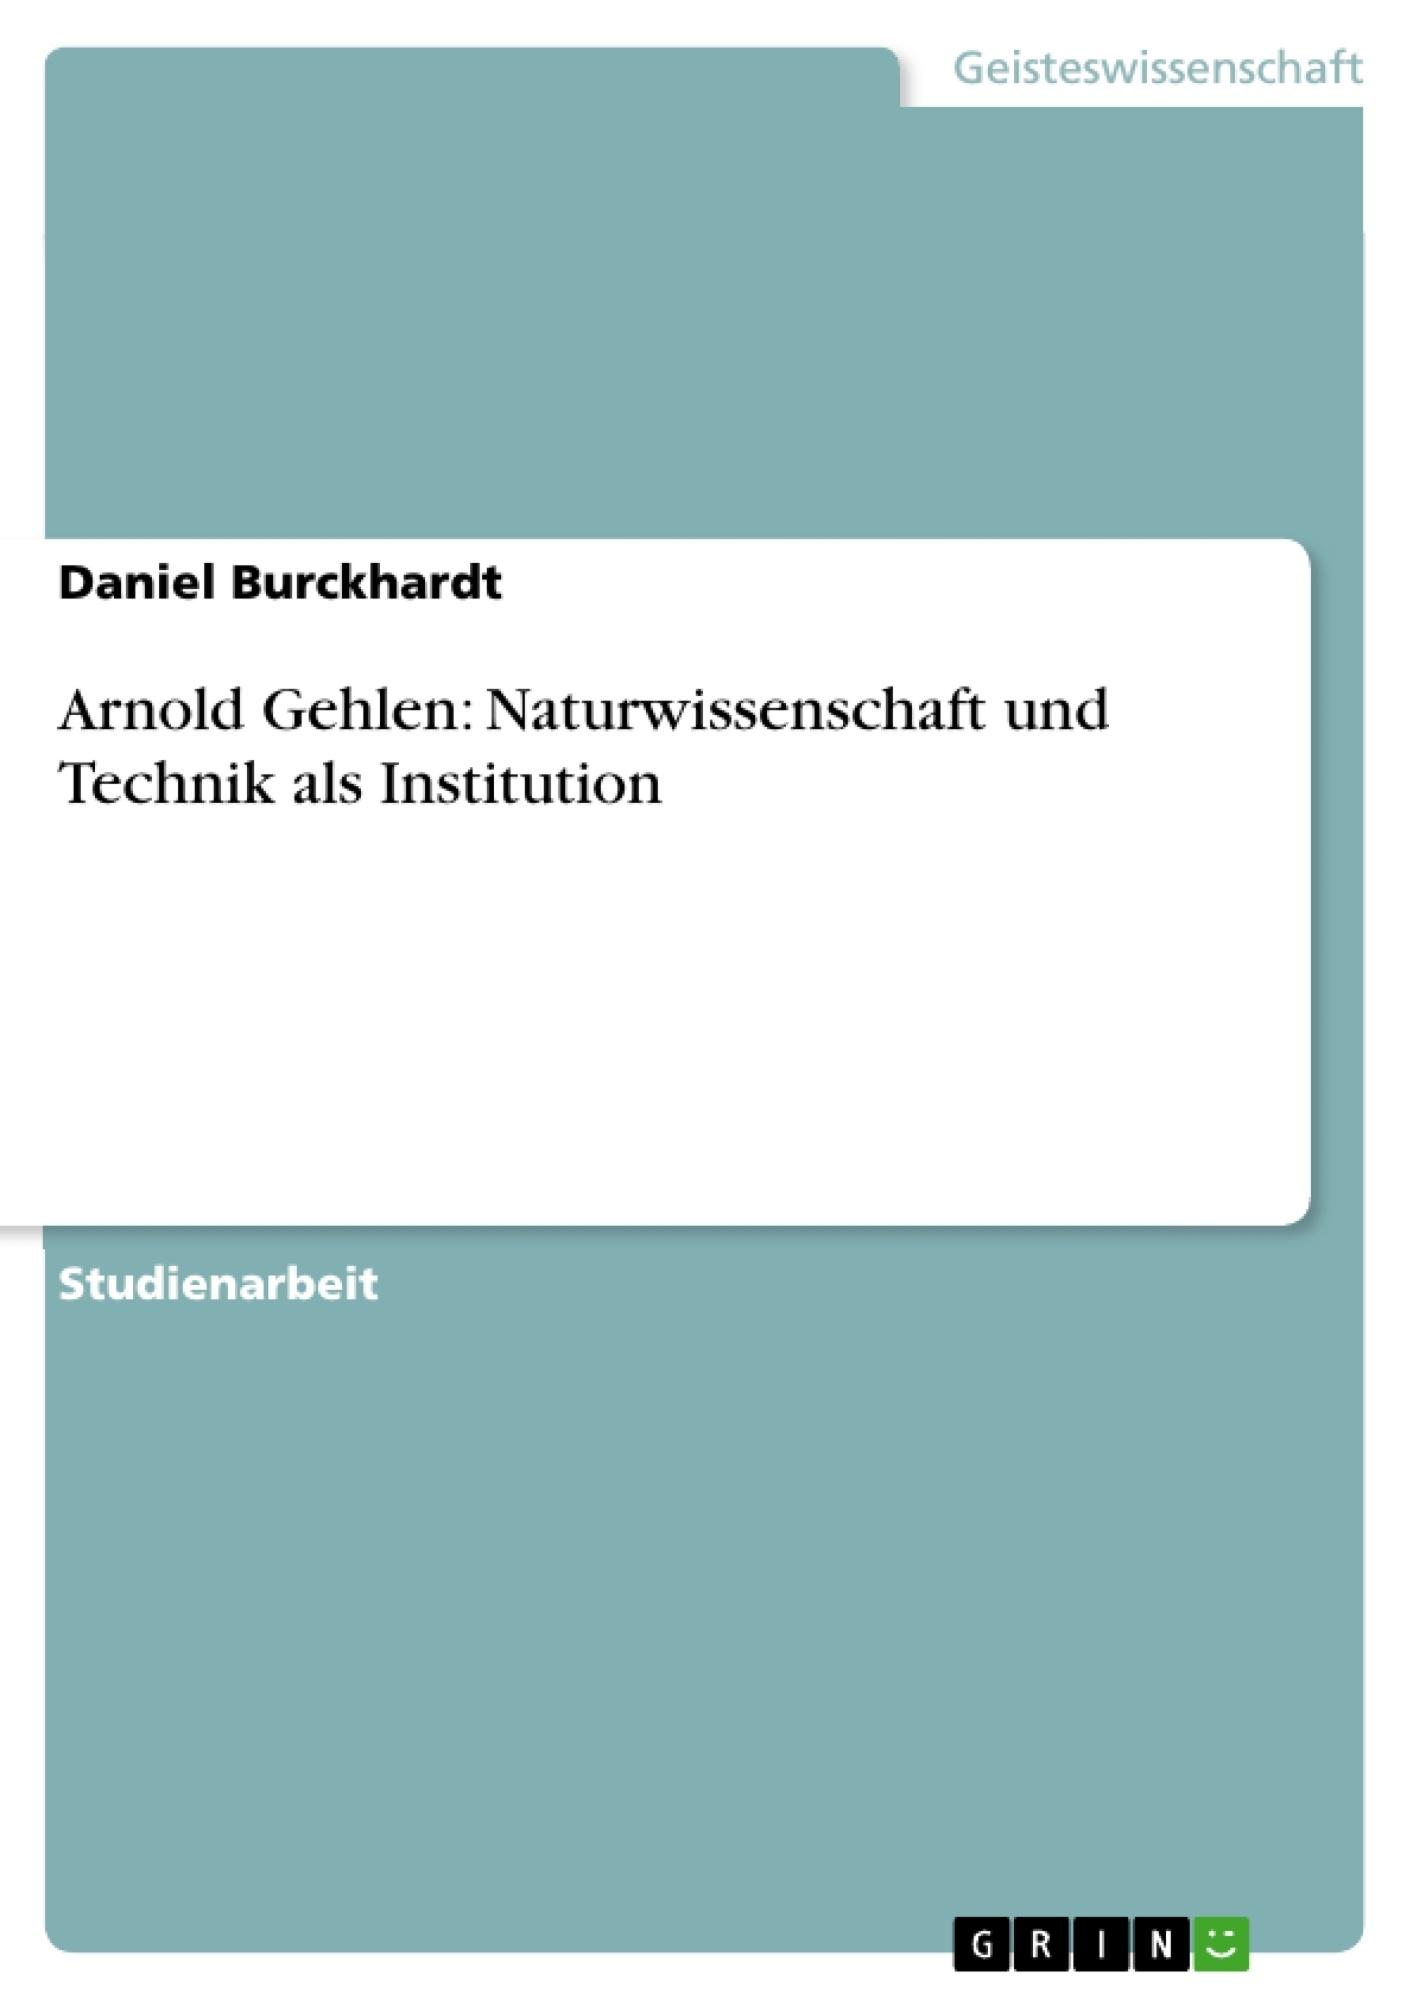 Titel: Arnold Gehlen: Naturwissenschaft und Technik als Institution